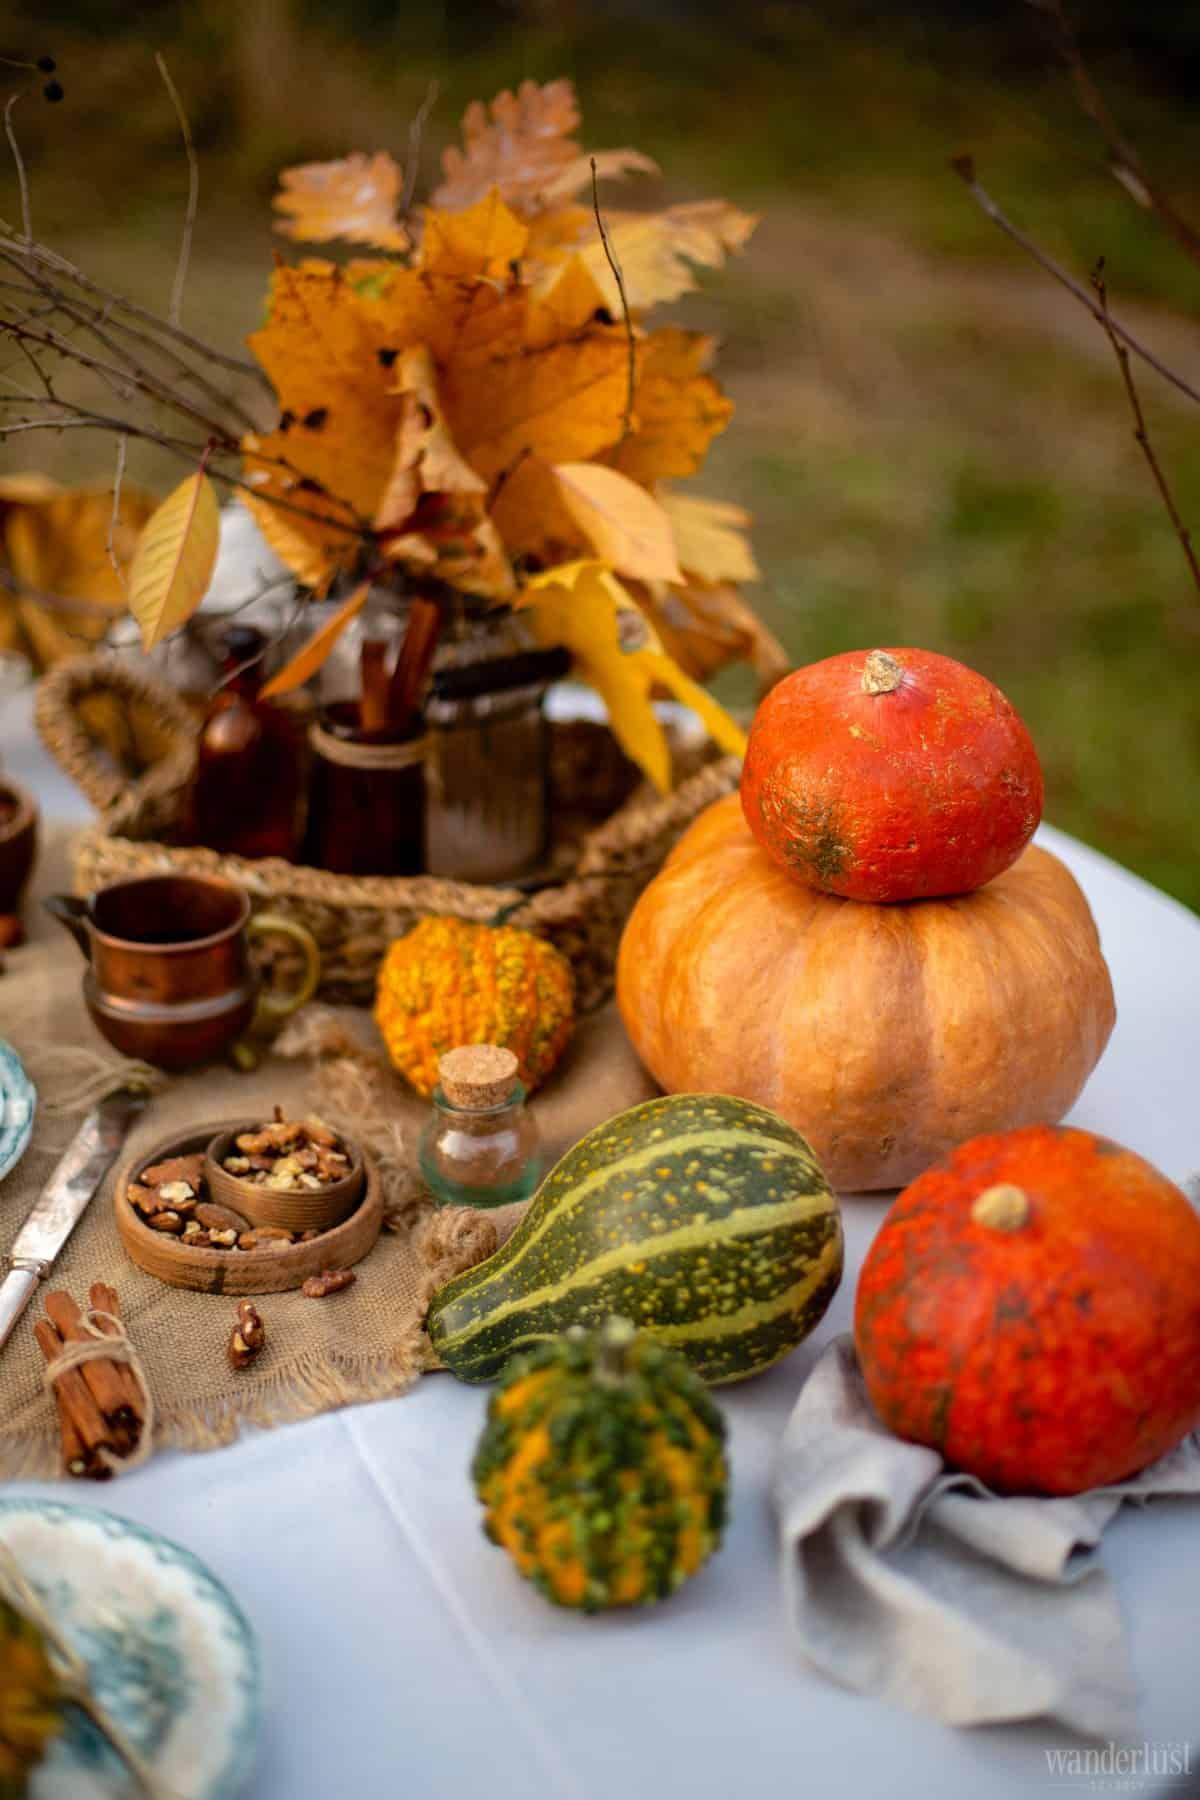 Wanderlust Tips | Thanksgiving: Marking the start of the festive season